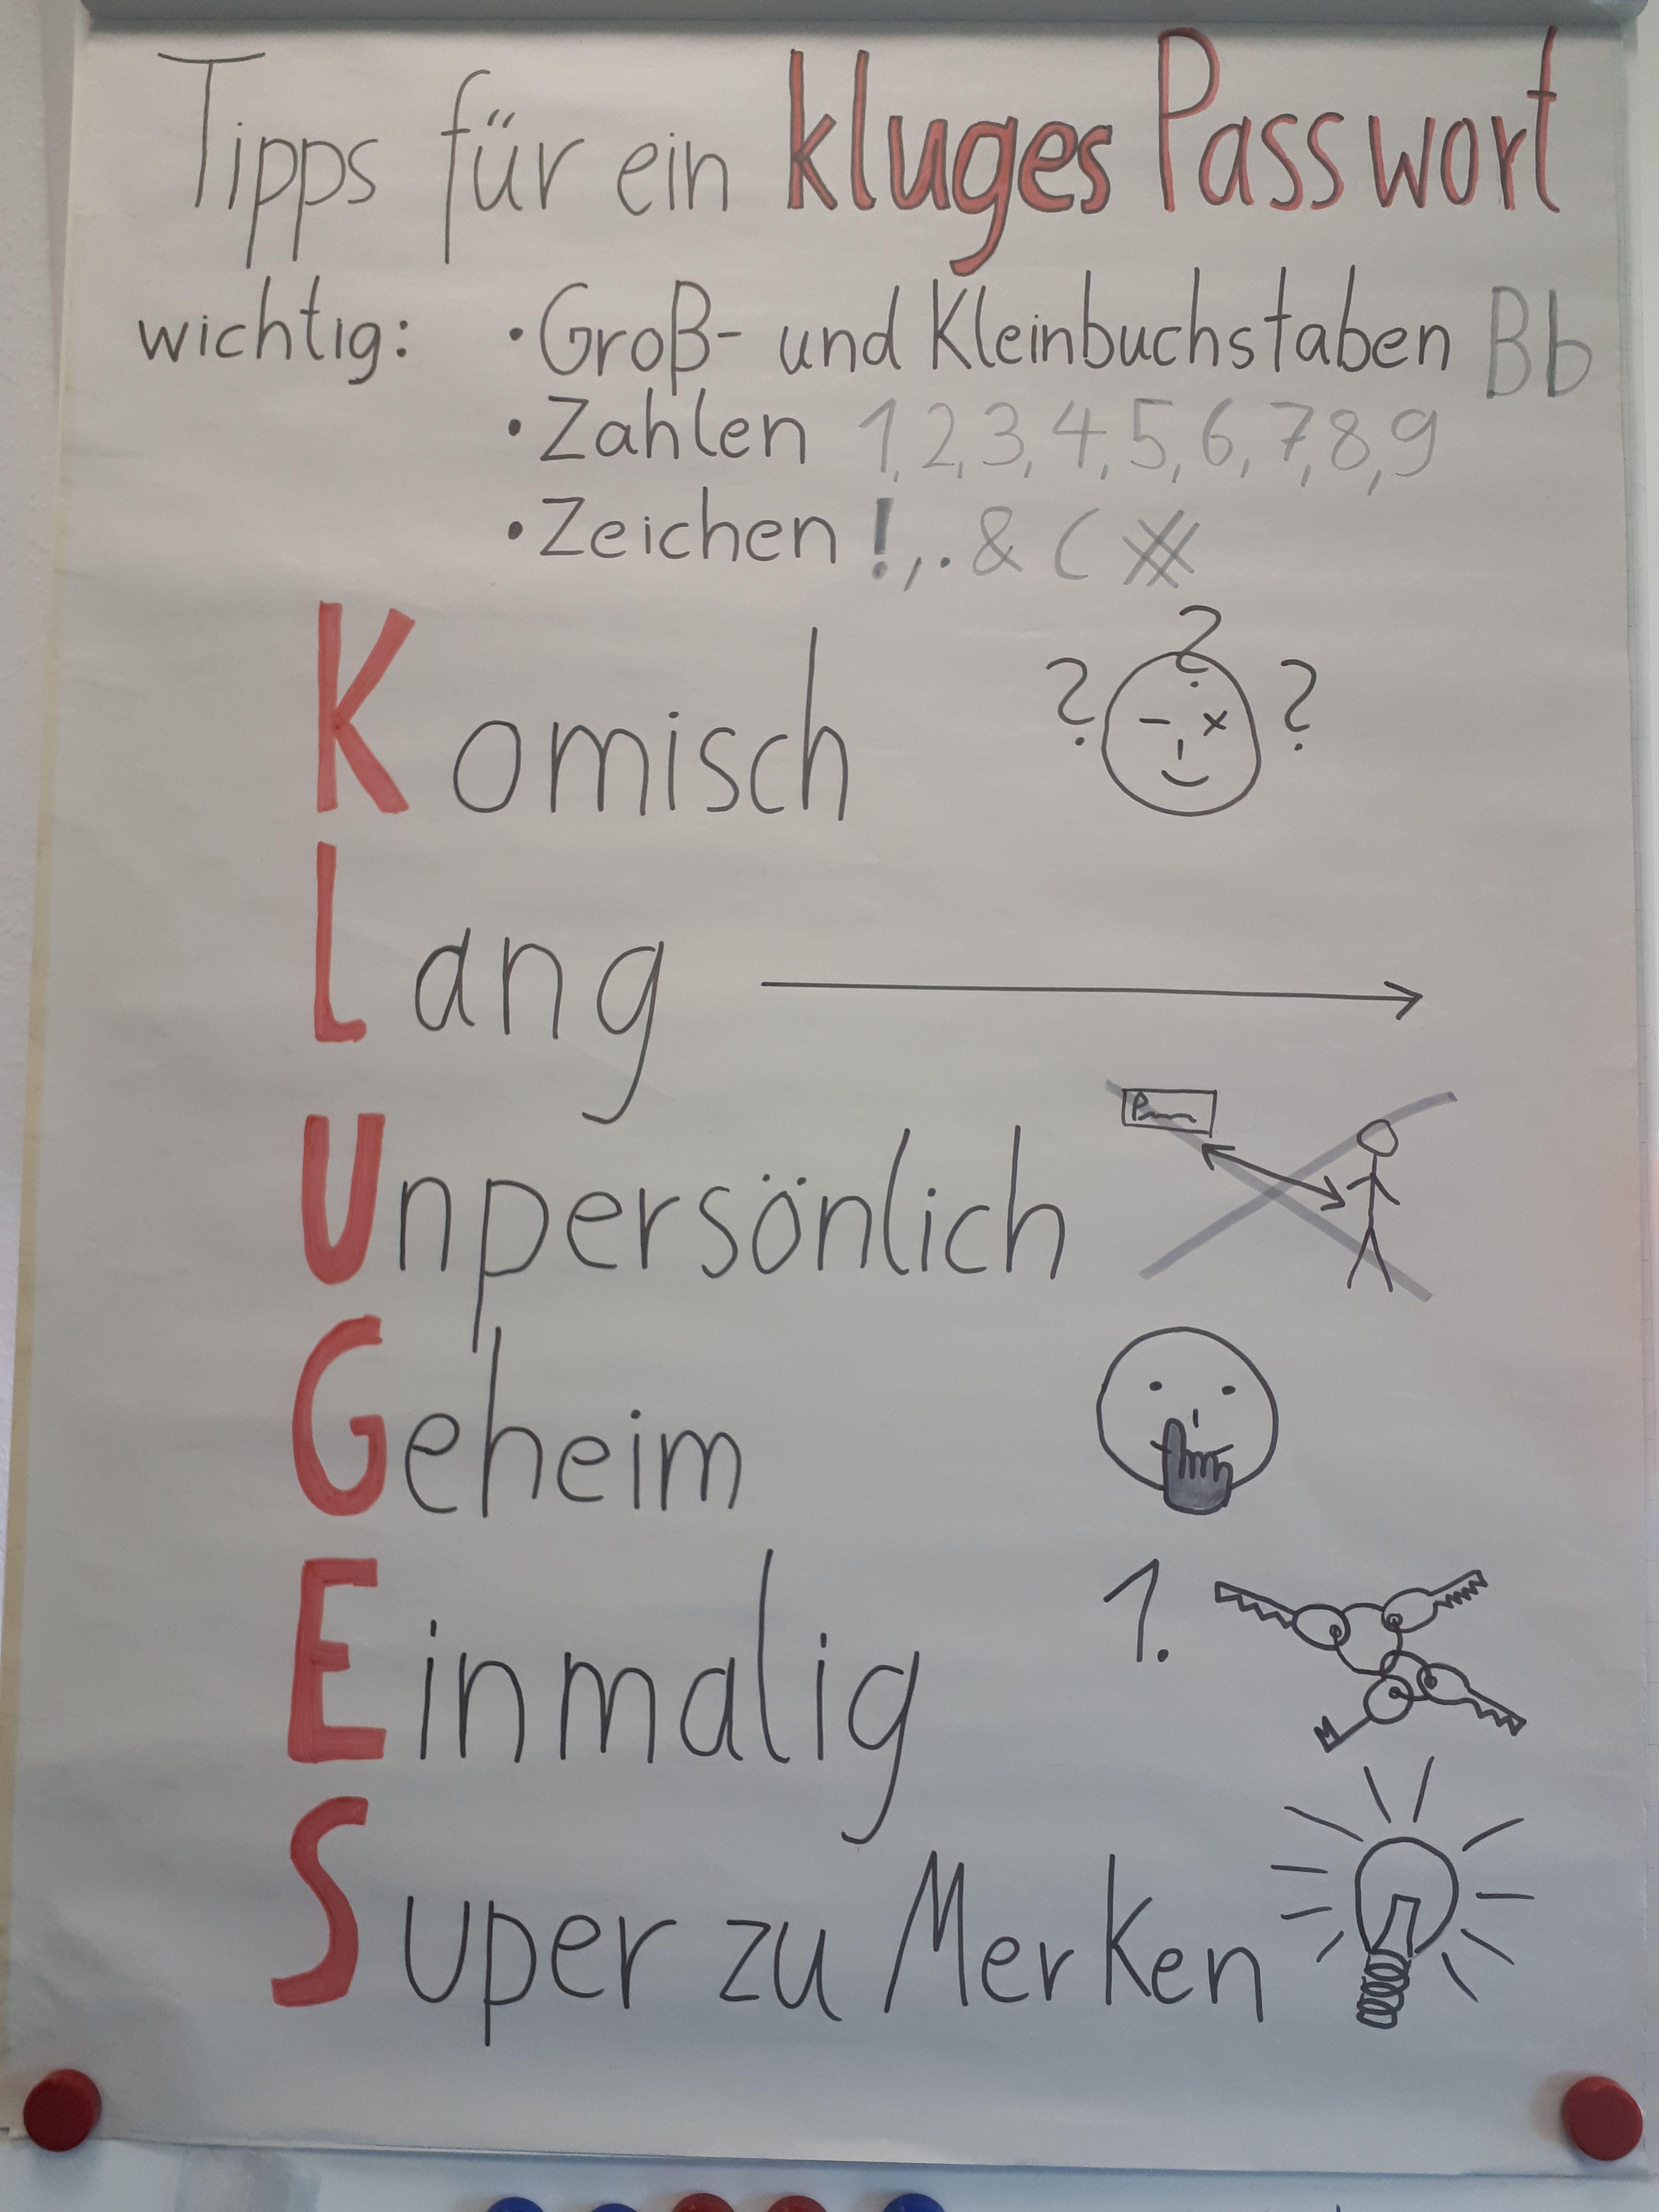 """Plakat mit Tipps für ein """"kluges"""" Passwort"""